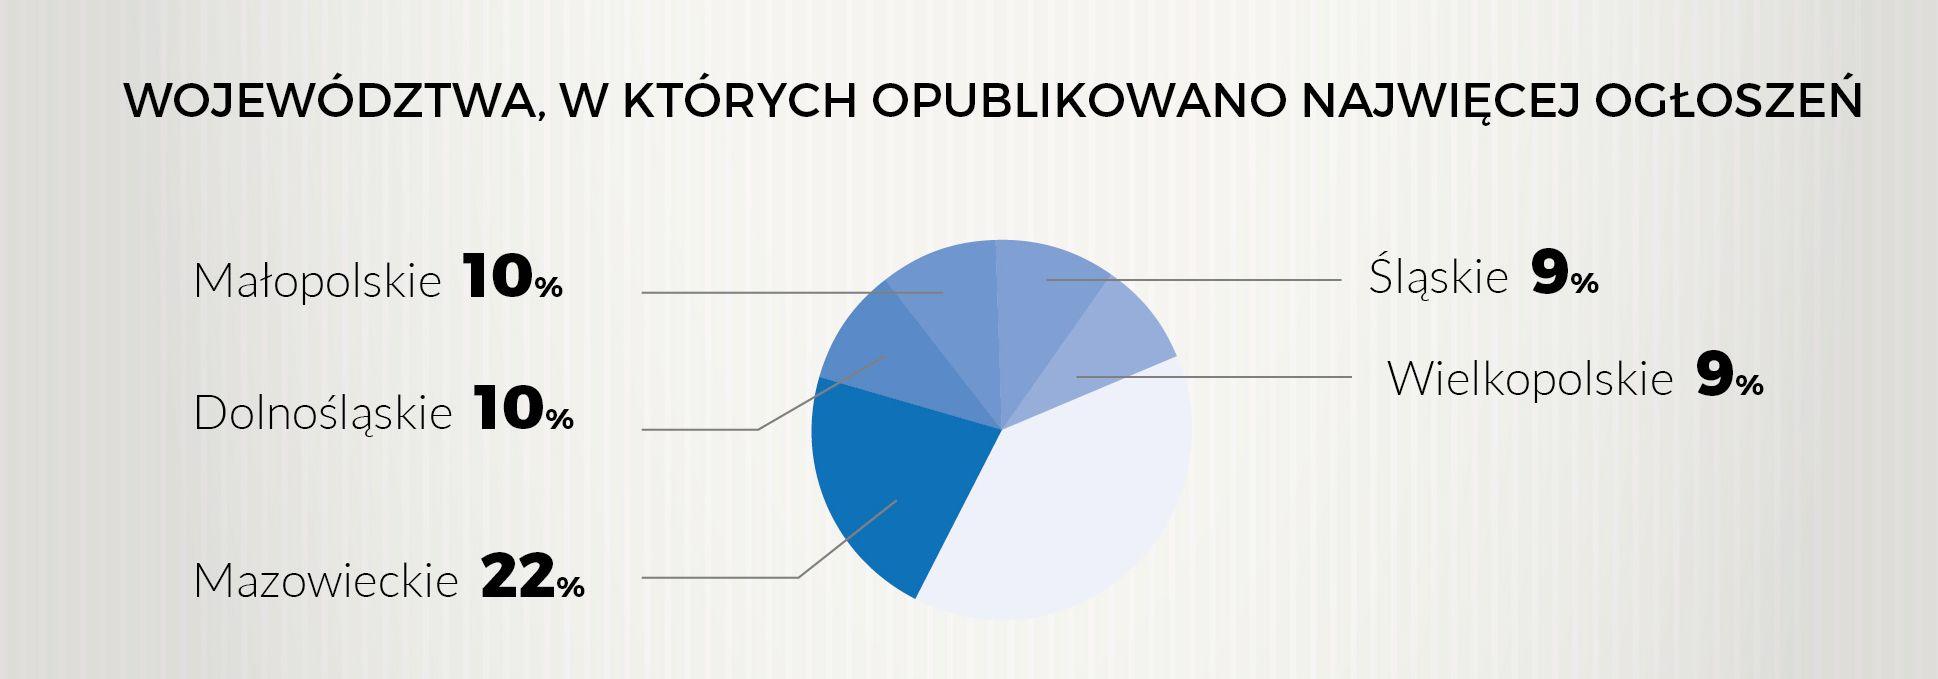 Najwięcej ofert pracy w maju pojawiło się w województwie mazowieckim. (Źródło: Pracuj.pl)